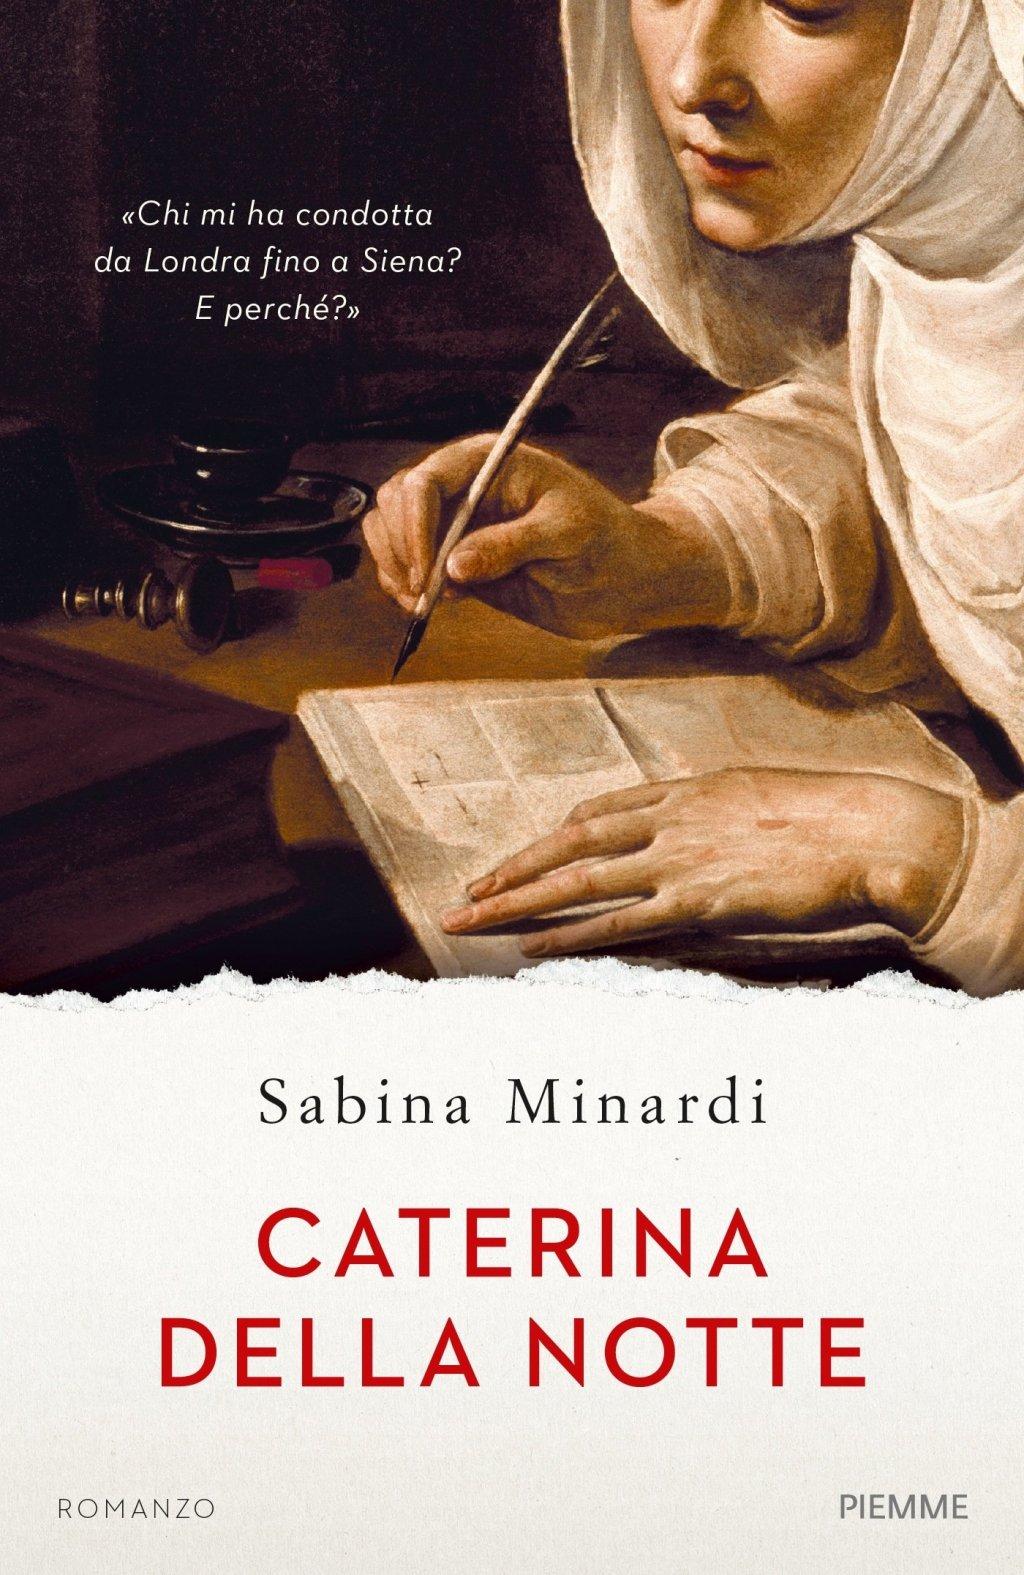 Sabina Minardi